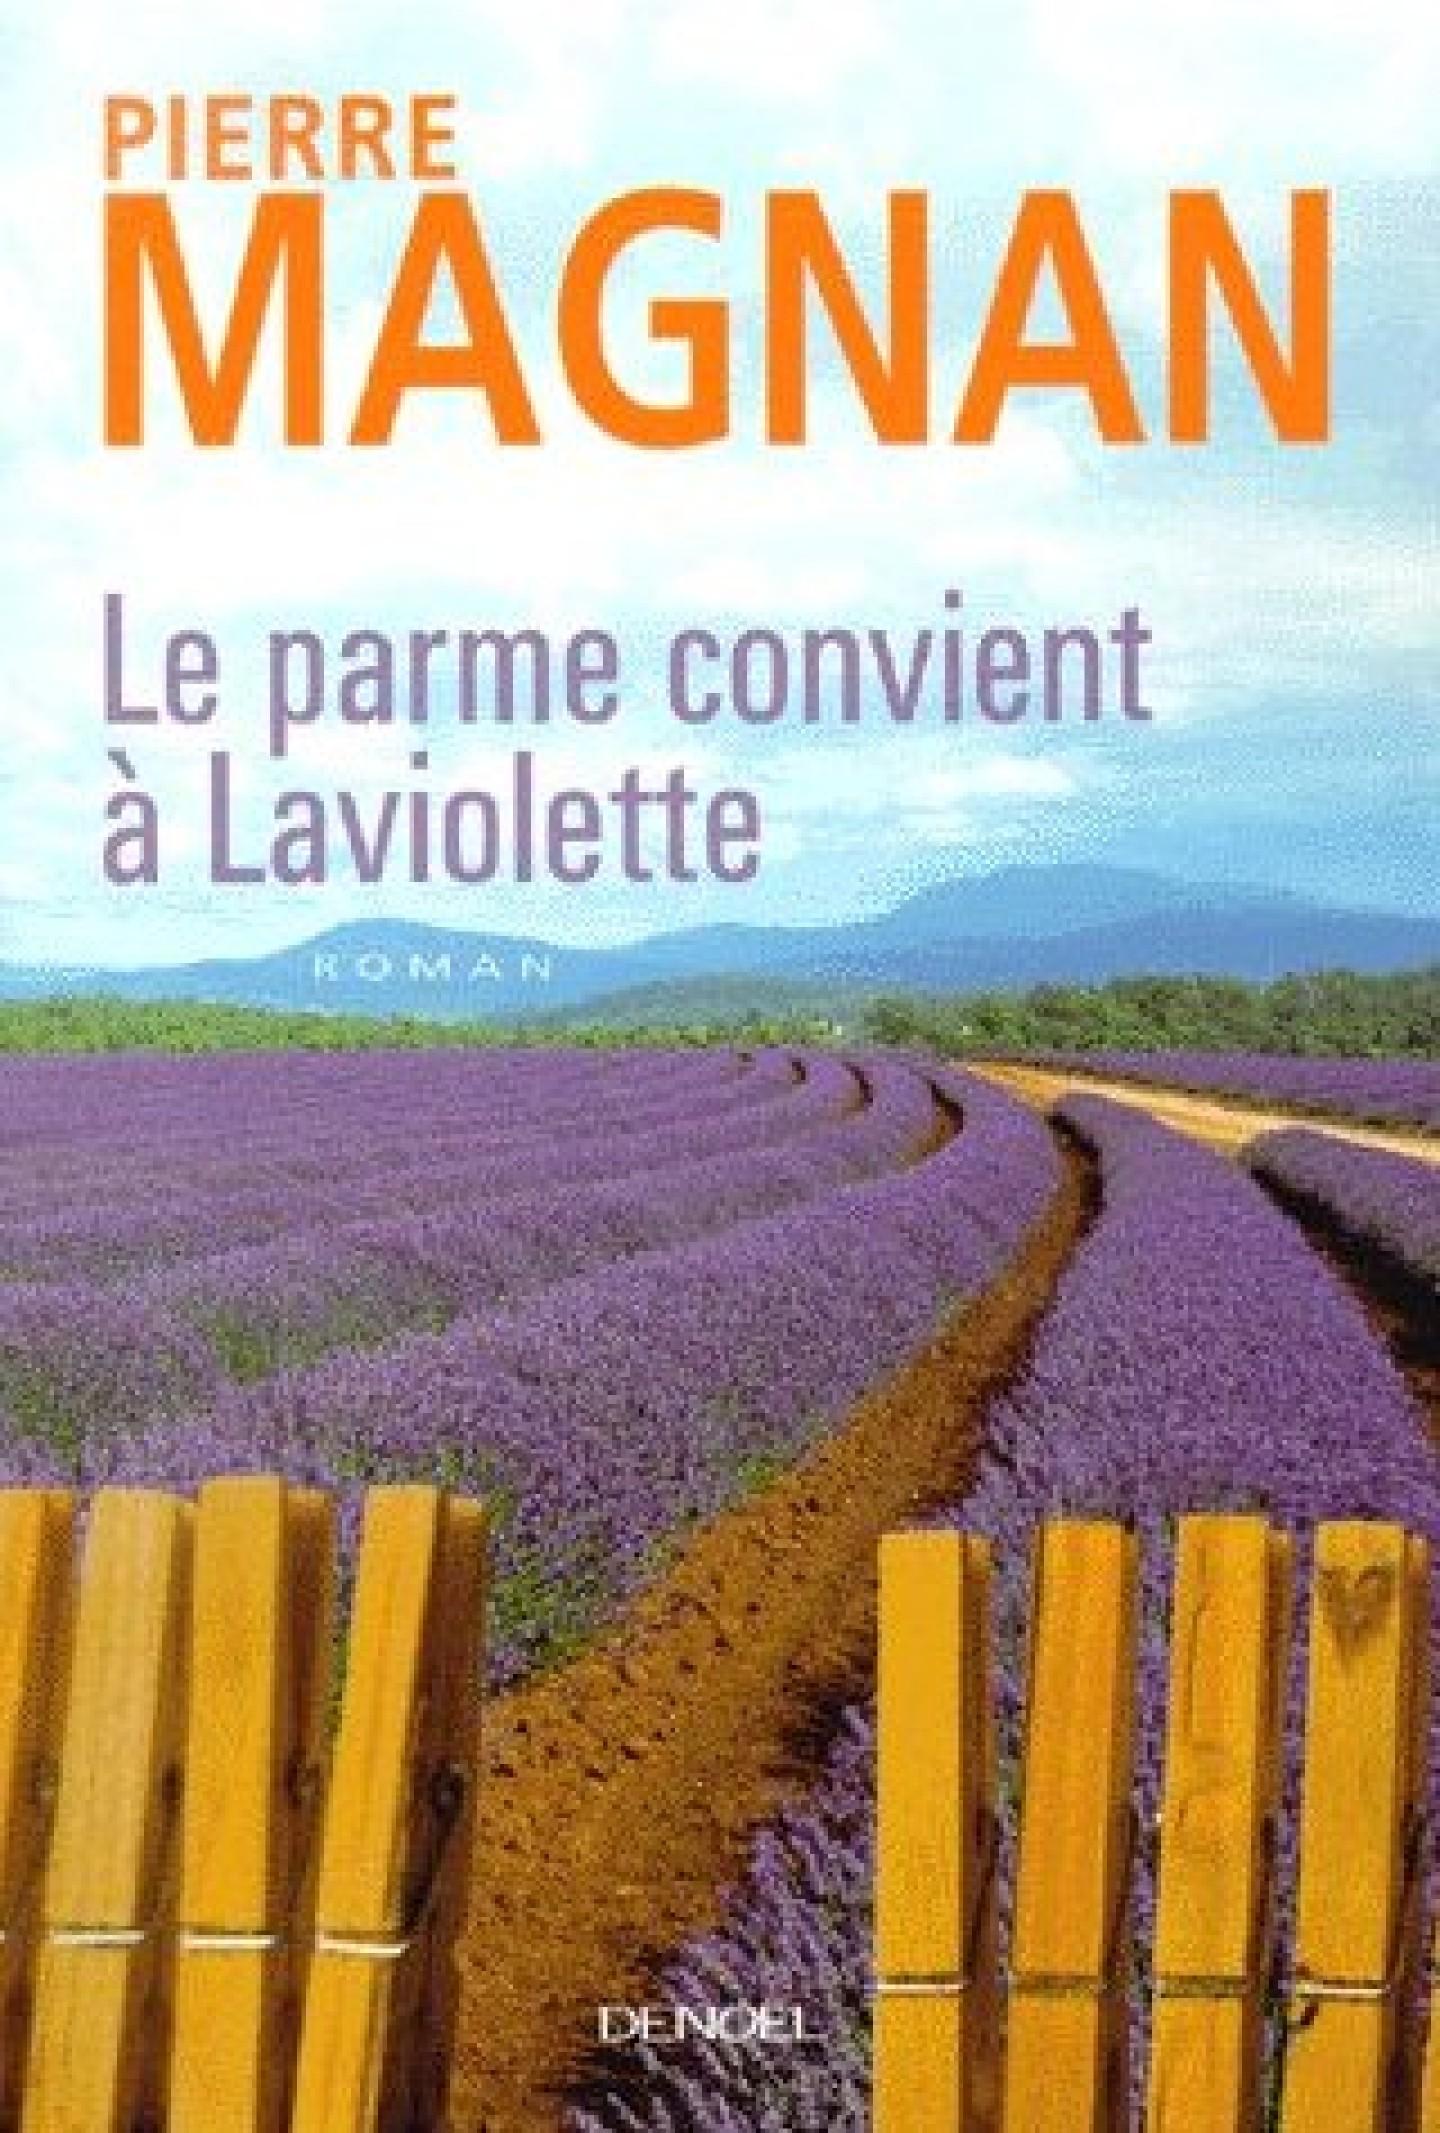 Le parme convient à Laviolette roman de Pierre Magnan